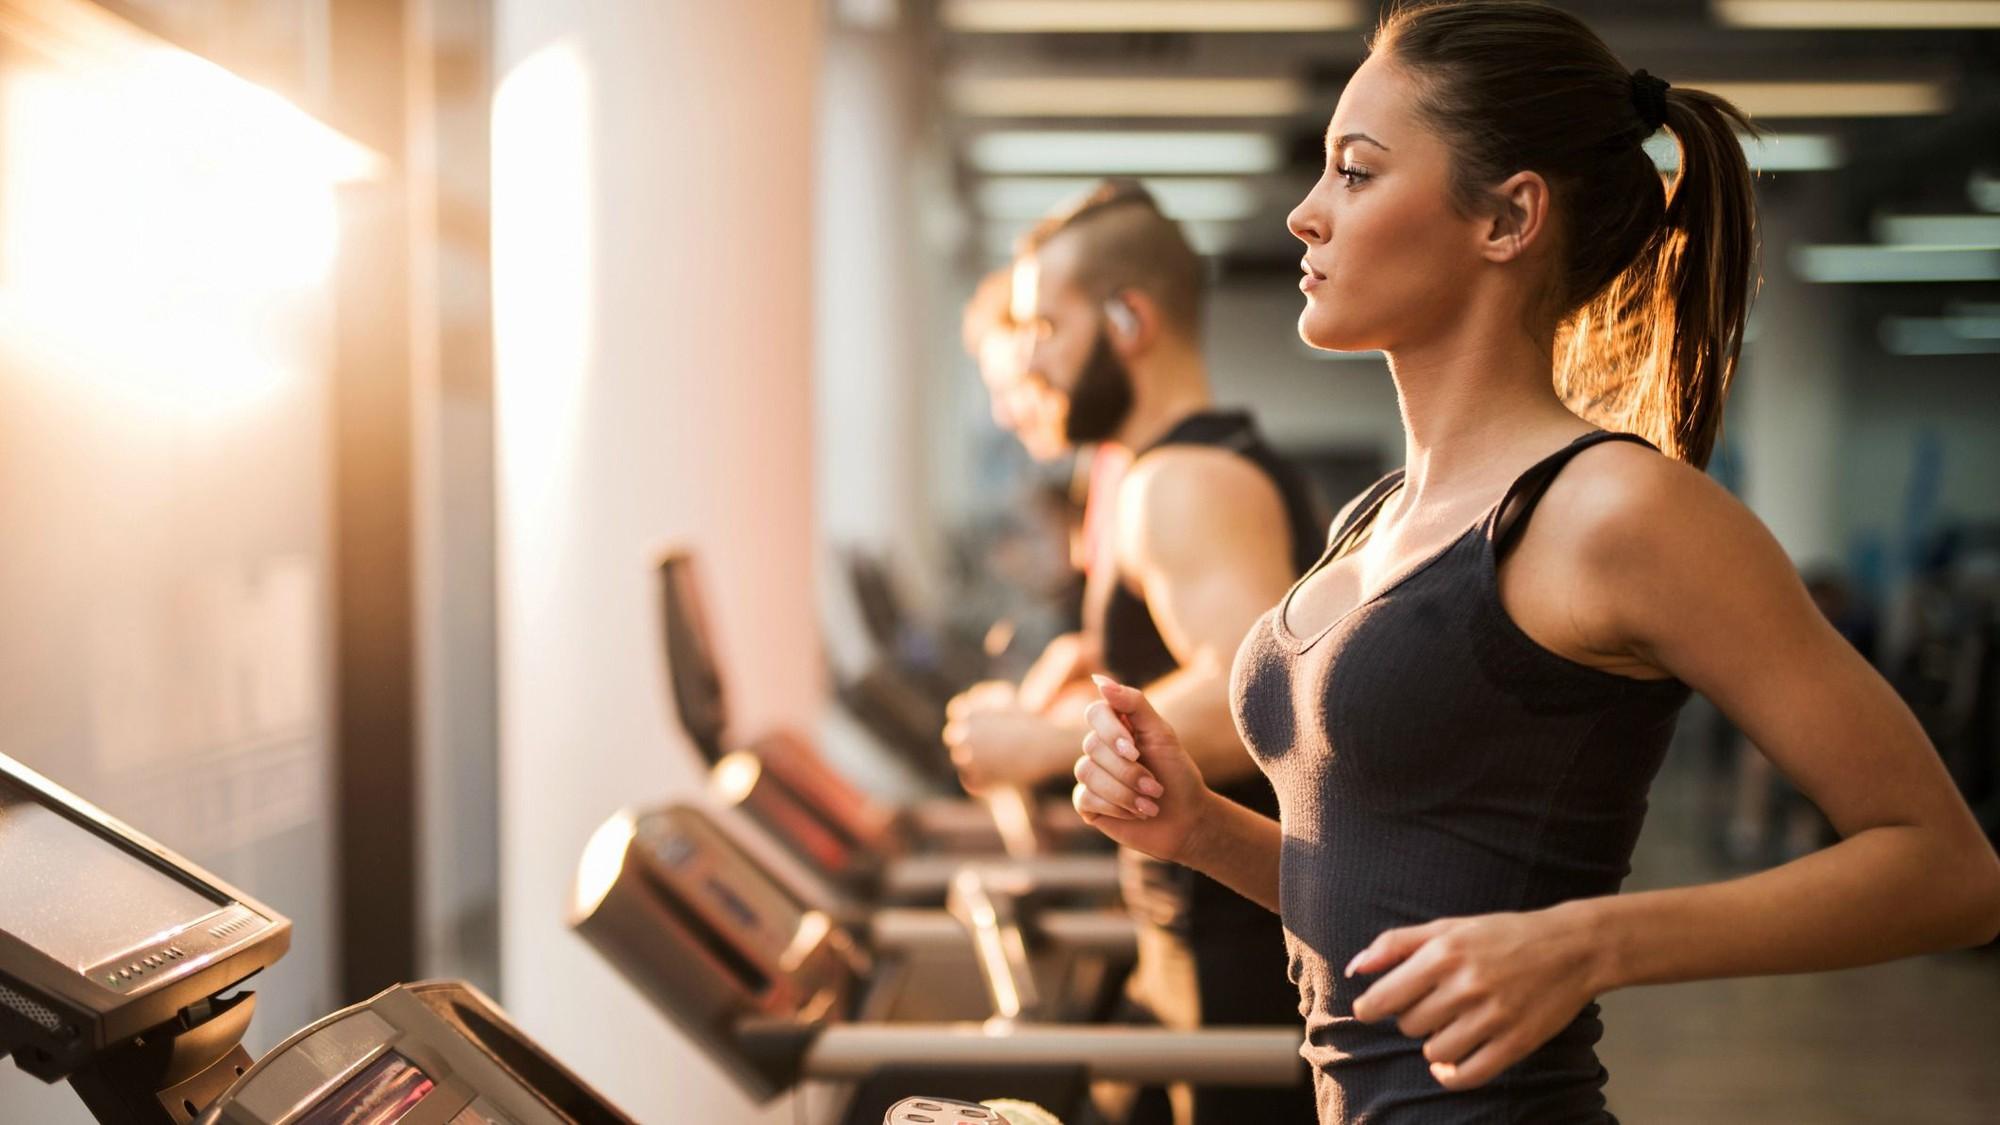 Cứ phạm phải những sai lầm này khi tập thể dục buổi sáng thì cân nặng chẳng những không giảm mà còn tăng vù vù - Ảnh 3.